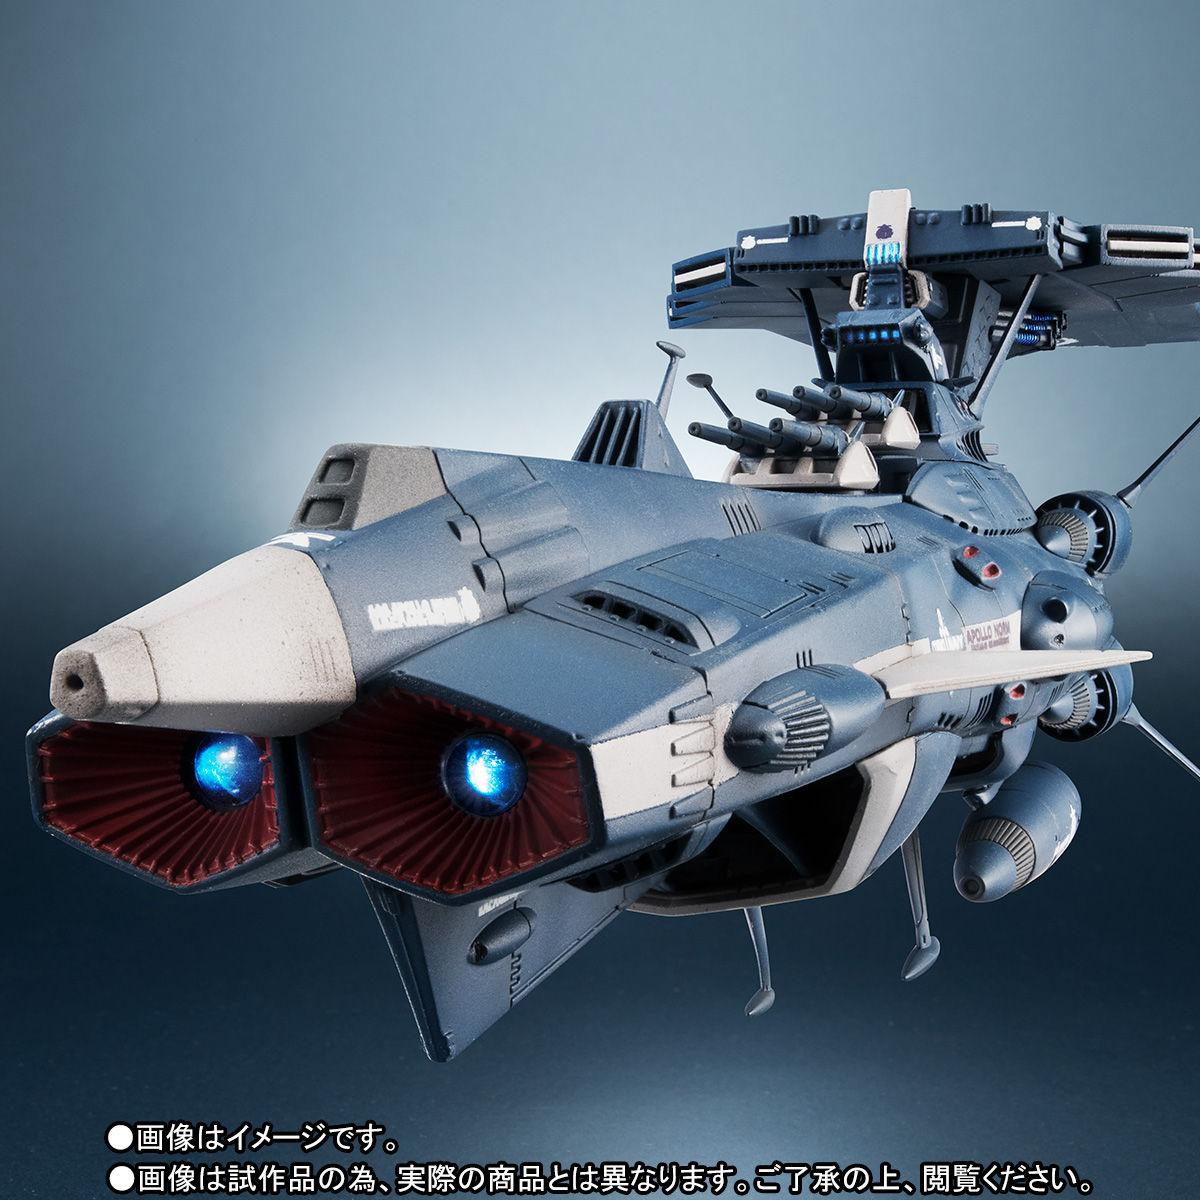 輝艦大全『地球連邦アンドロメダ級三番艦 アポロノーム 宇宙戦艦ヤマト2202』1/2000 完成品モデル-001